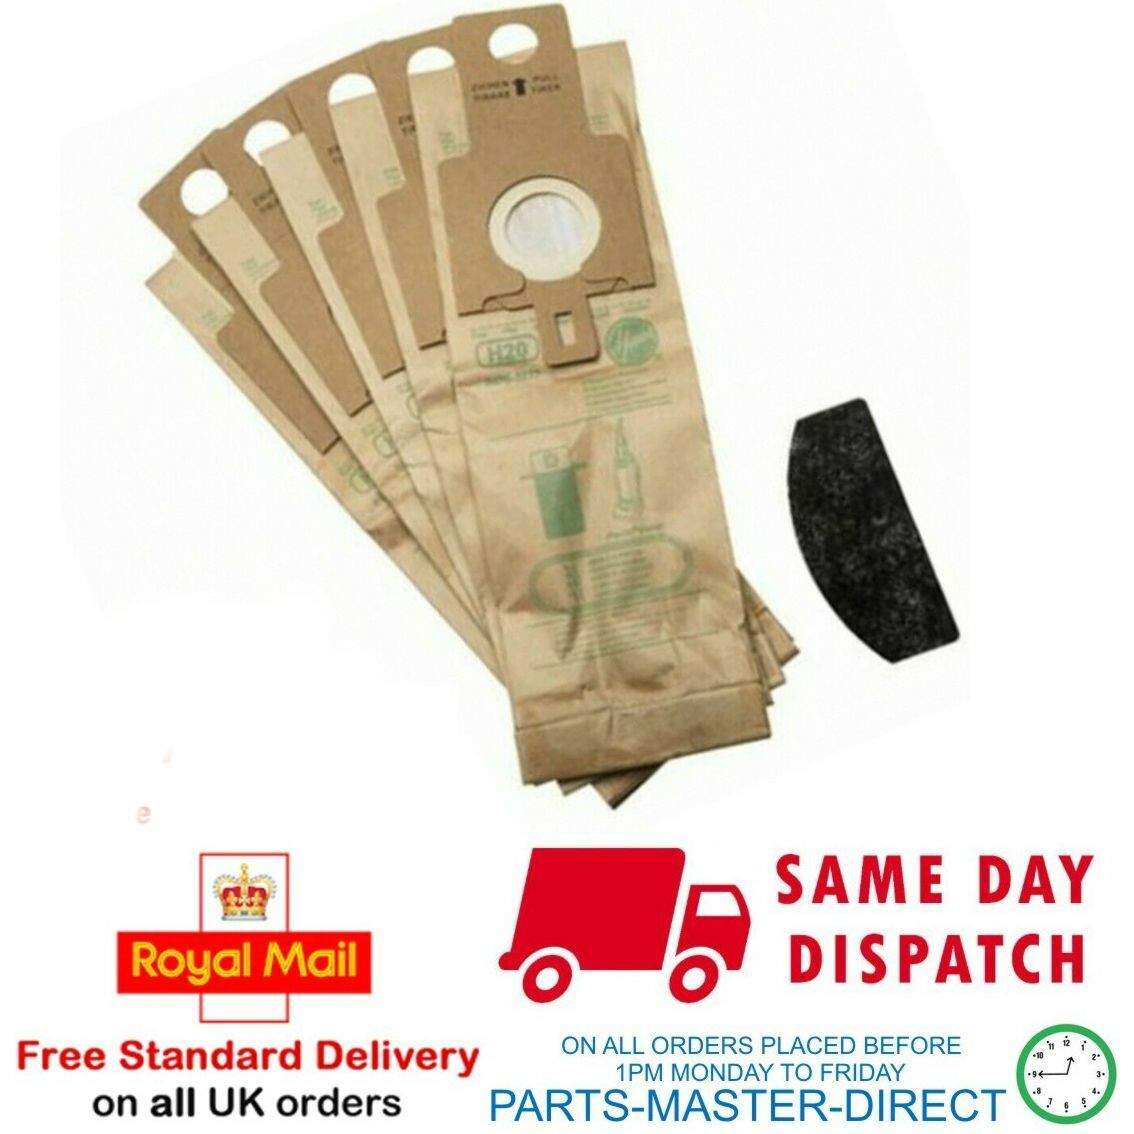 H20 Dust Bags Pack Of 5 Dust Bags for Hoover U3160 U3160 001 U3232 011